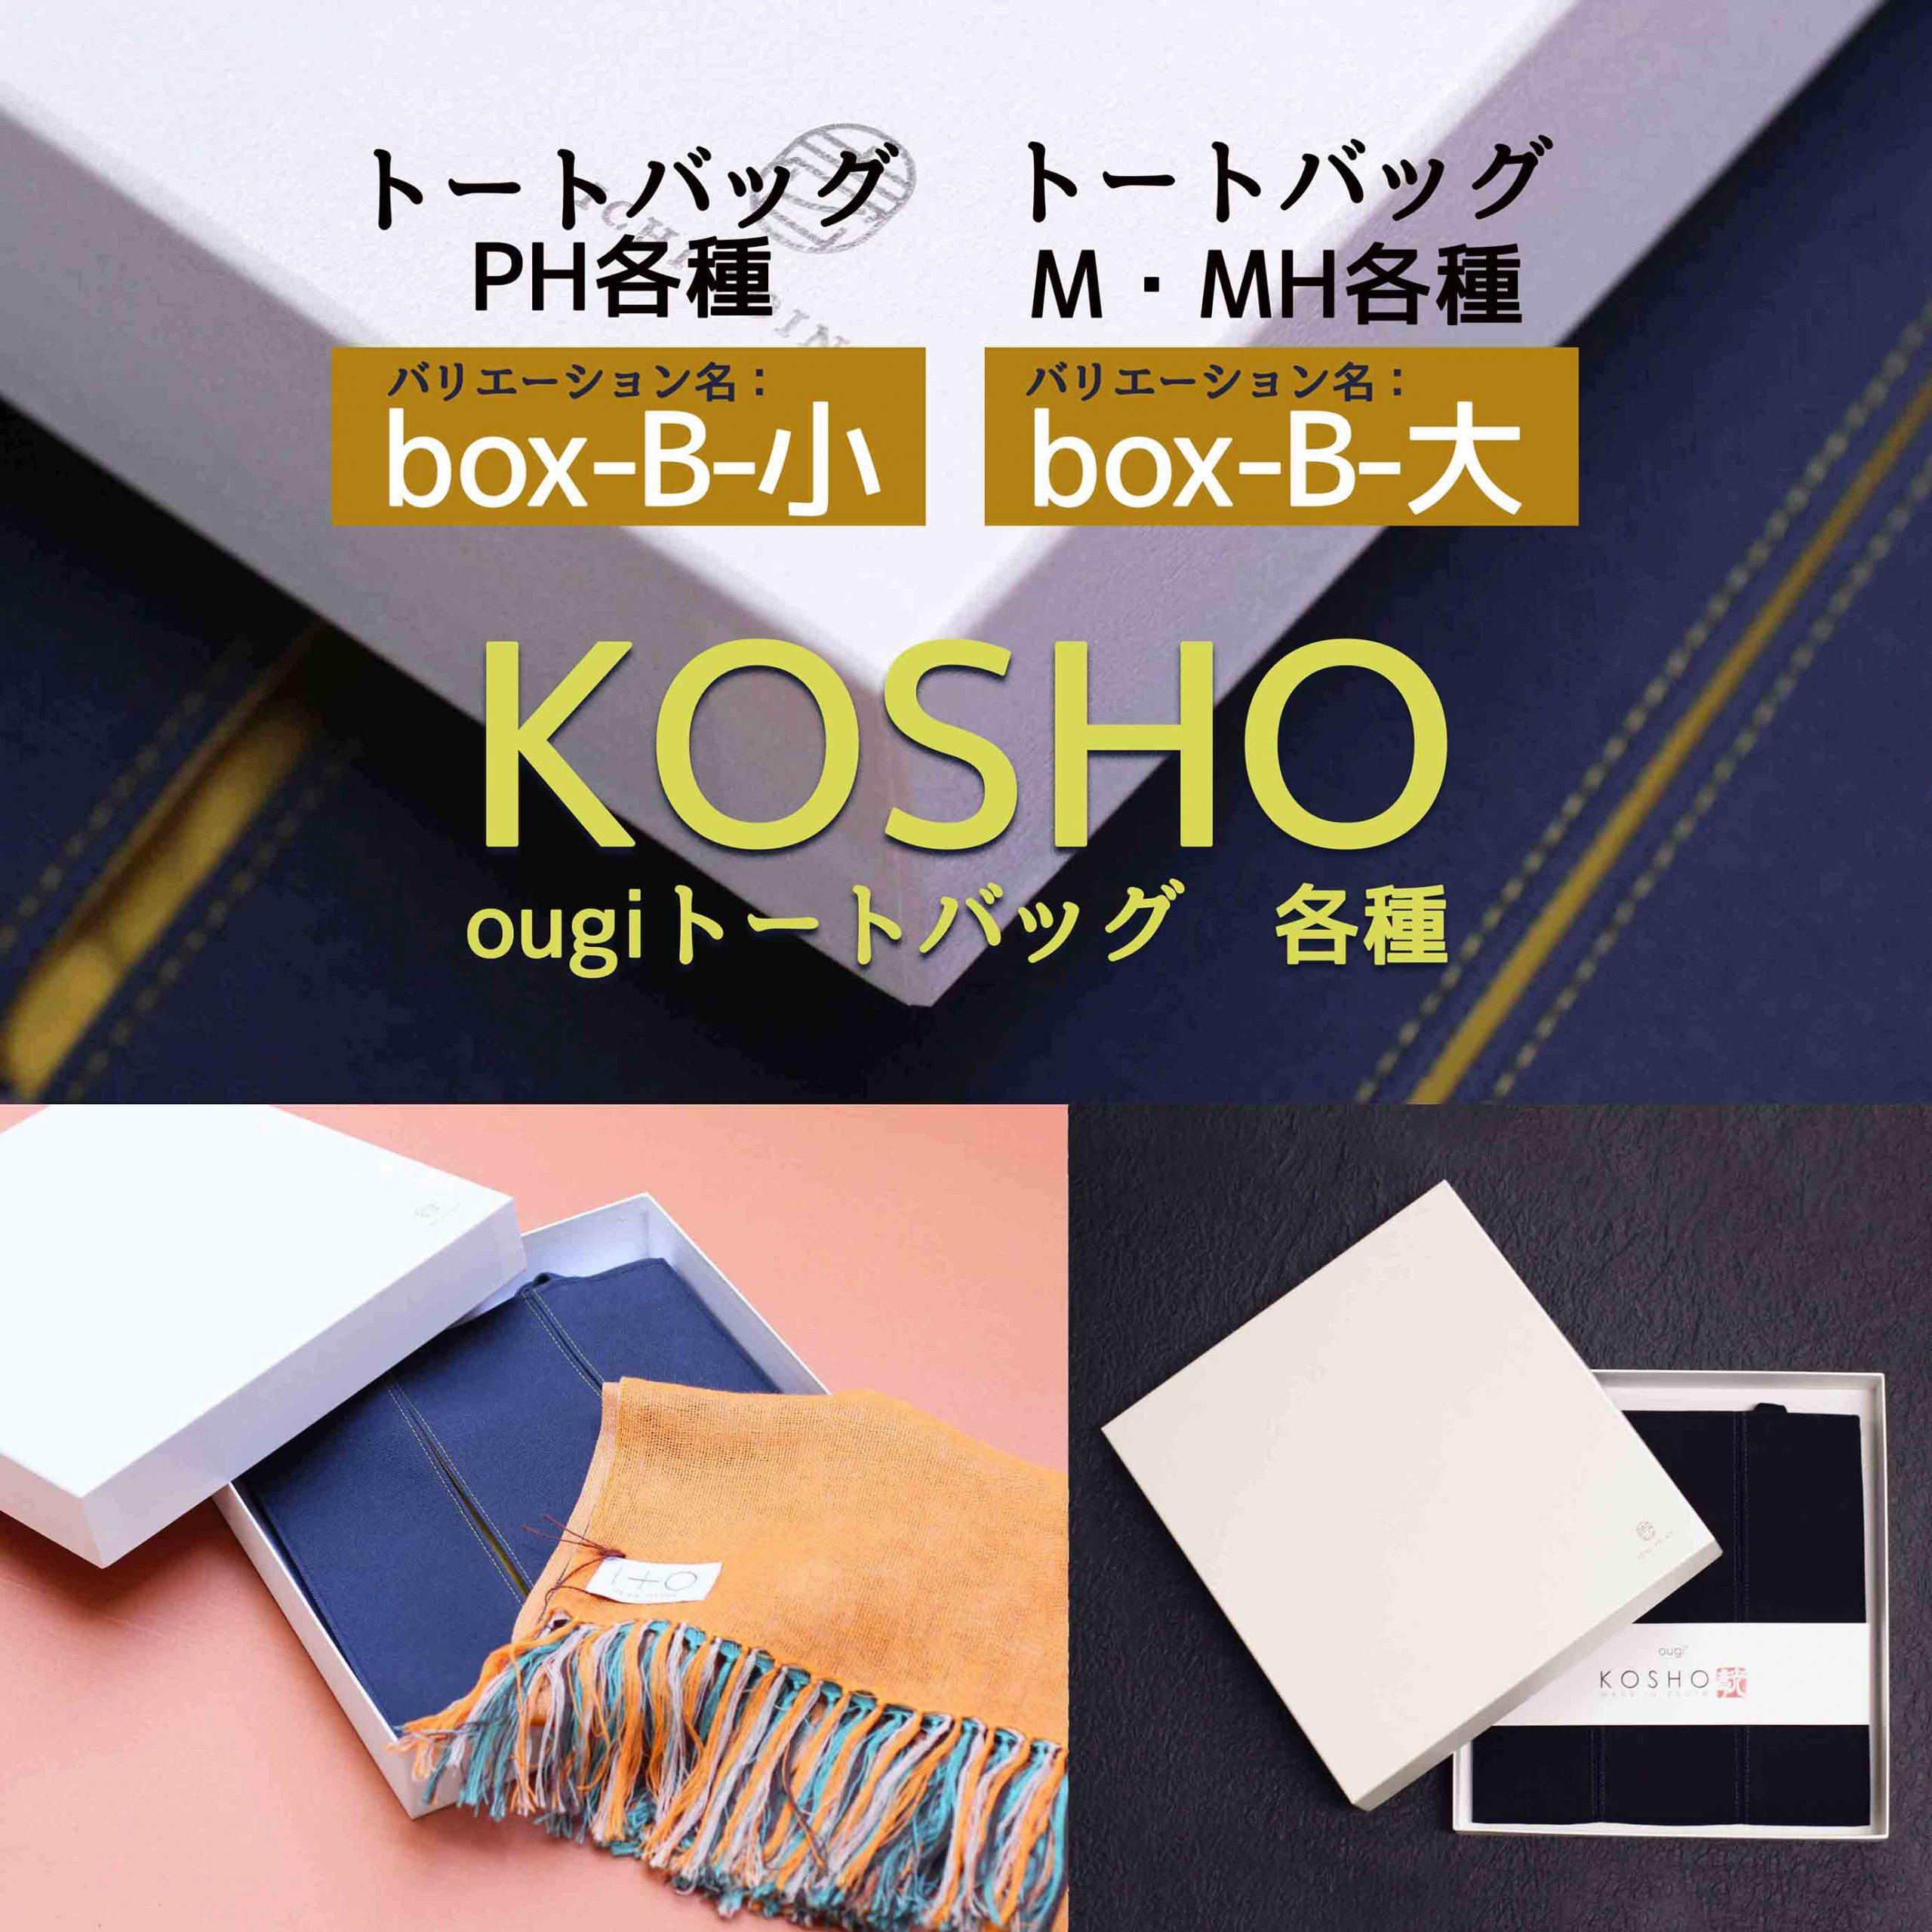 giftbox-B-KOSHO